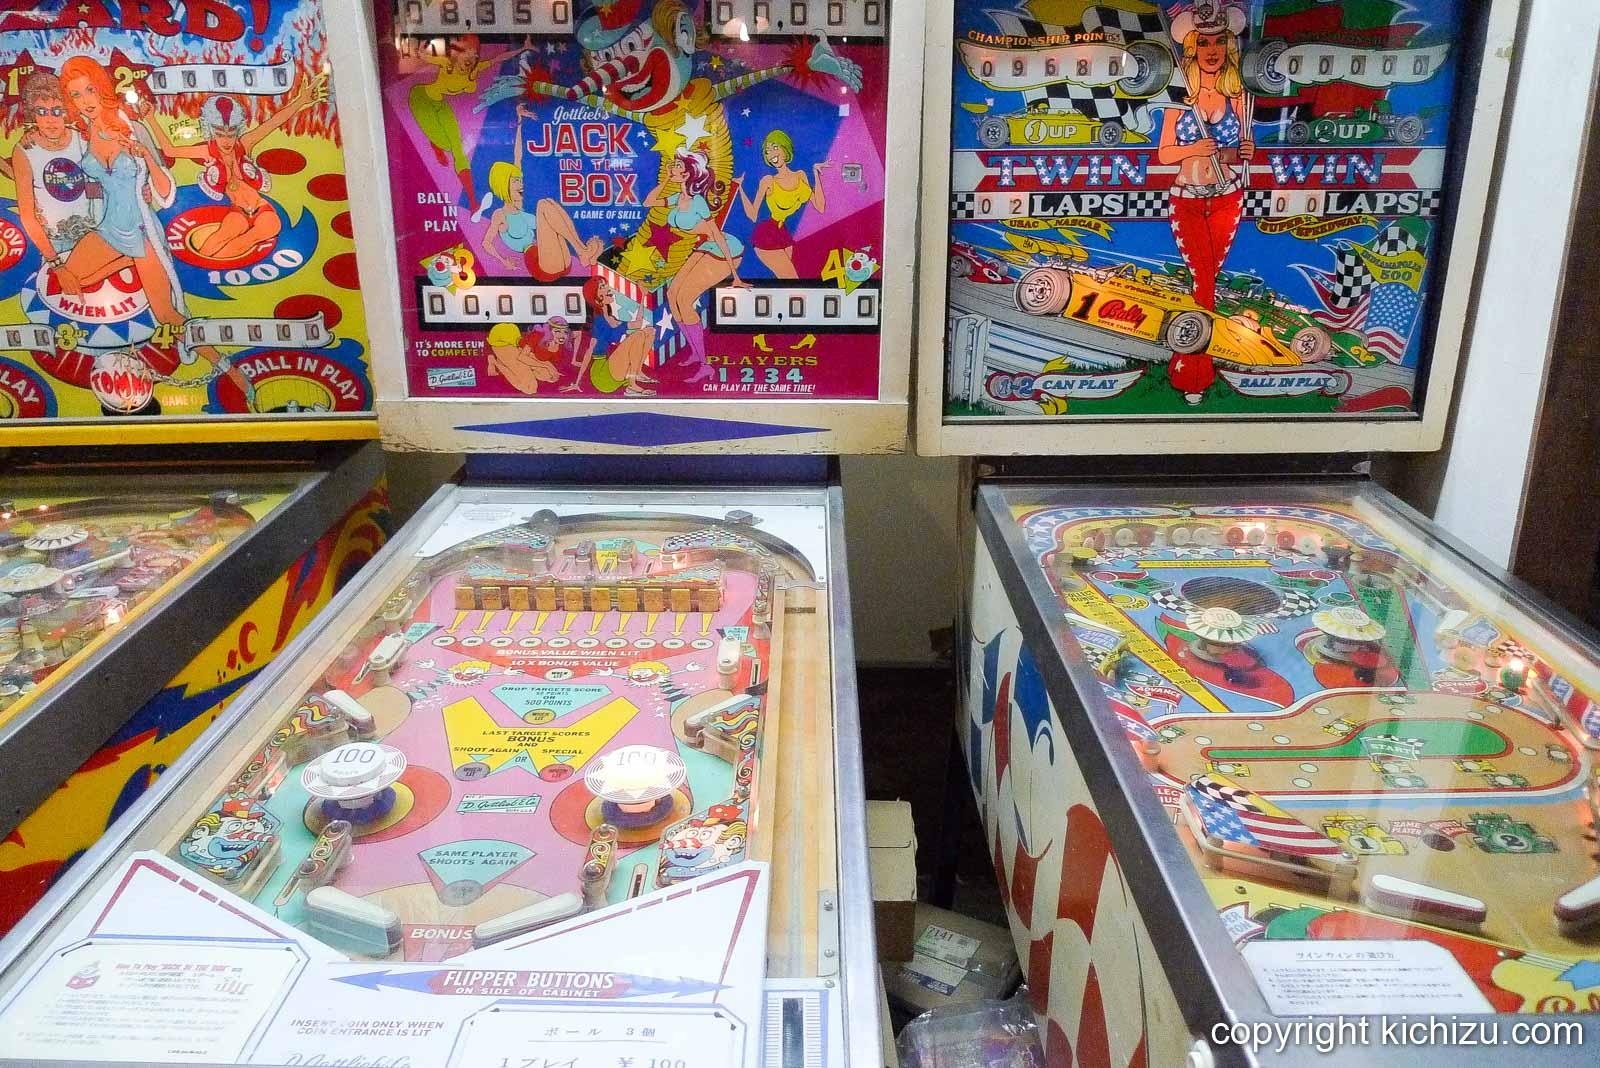 柴又ハイカラ横丁のピンポンゲーム